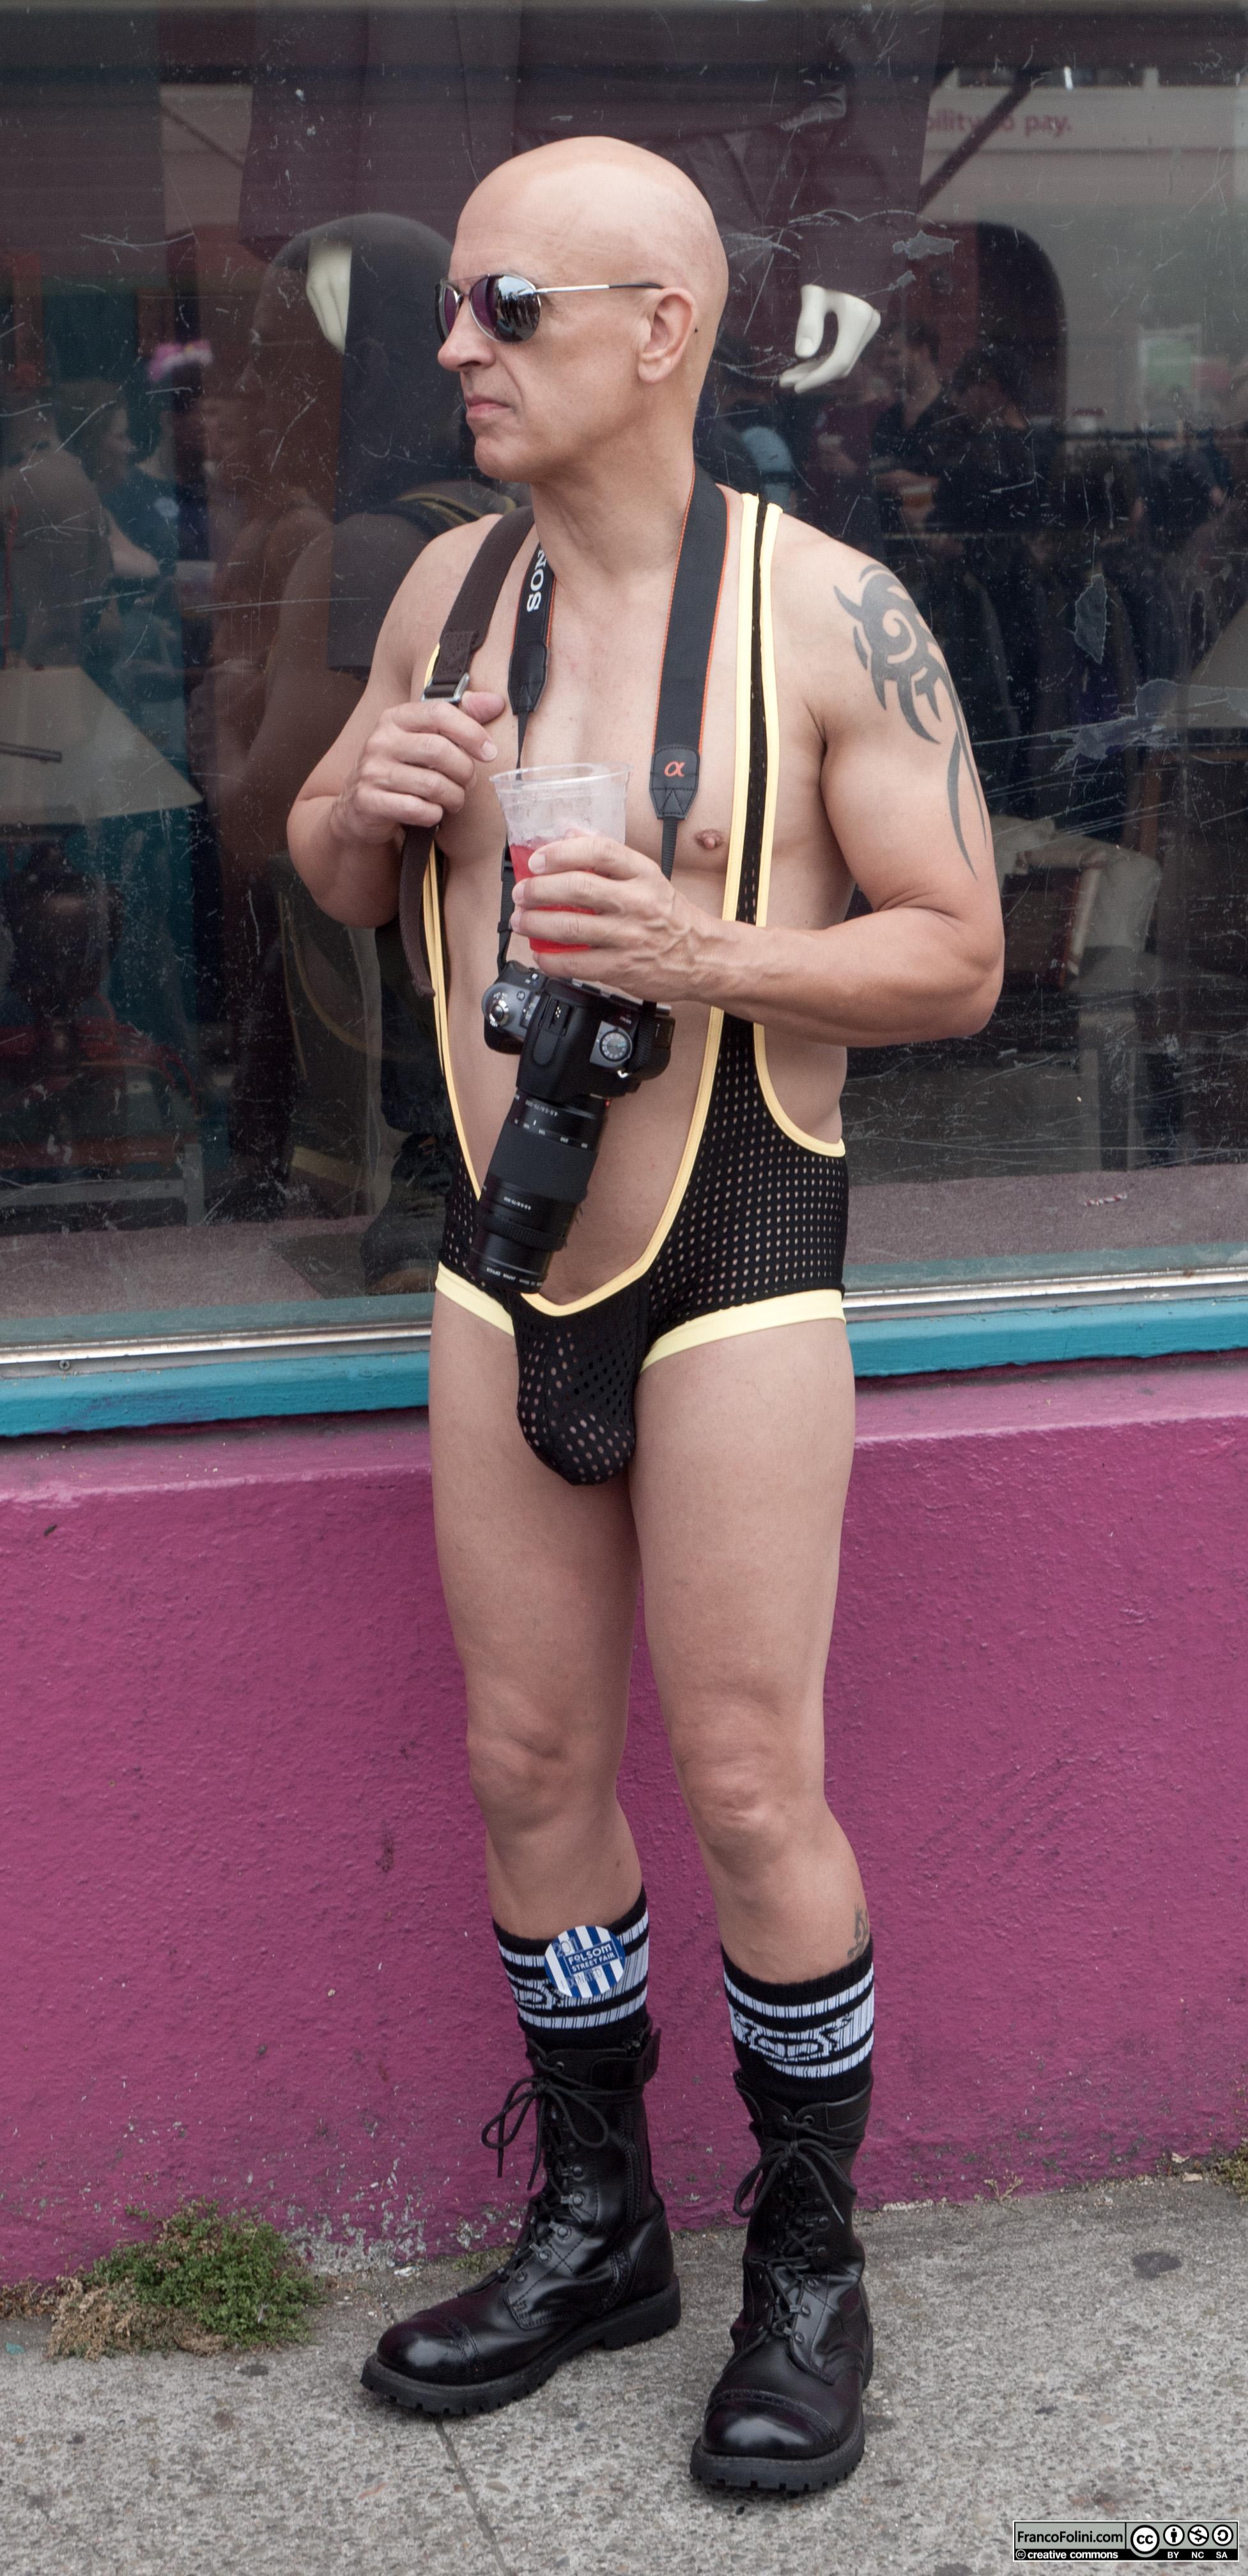 San Francisco Folsom Street Fair: Photographer with silly costume